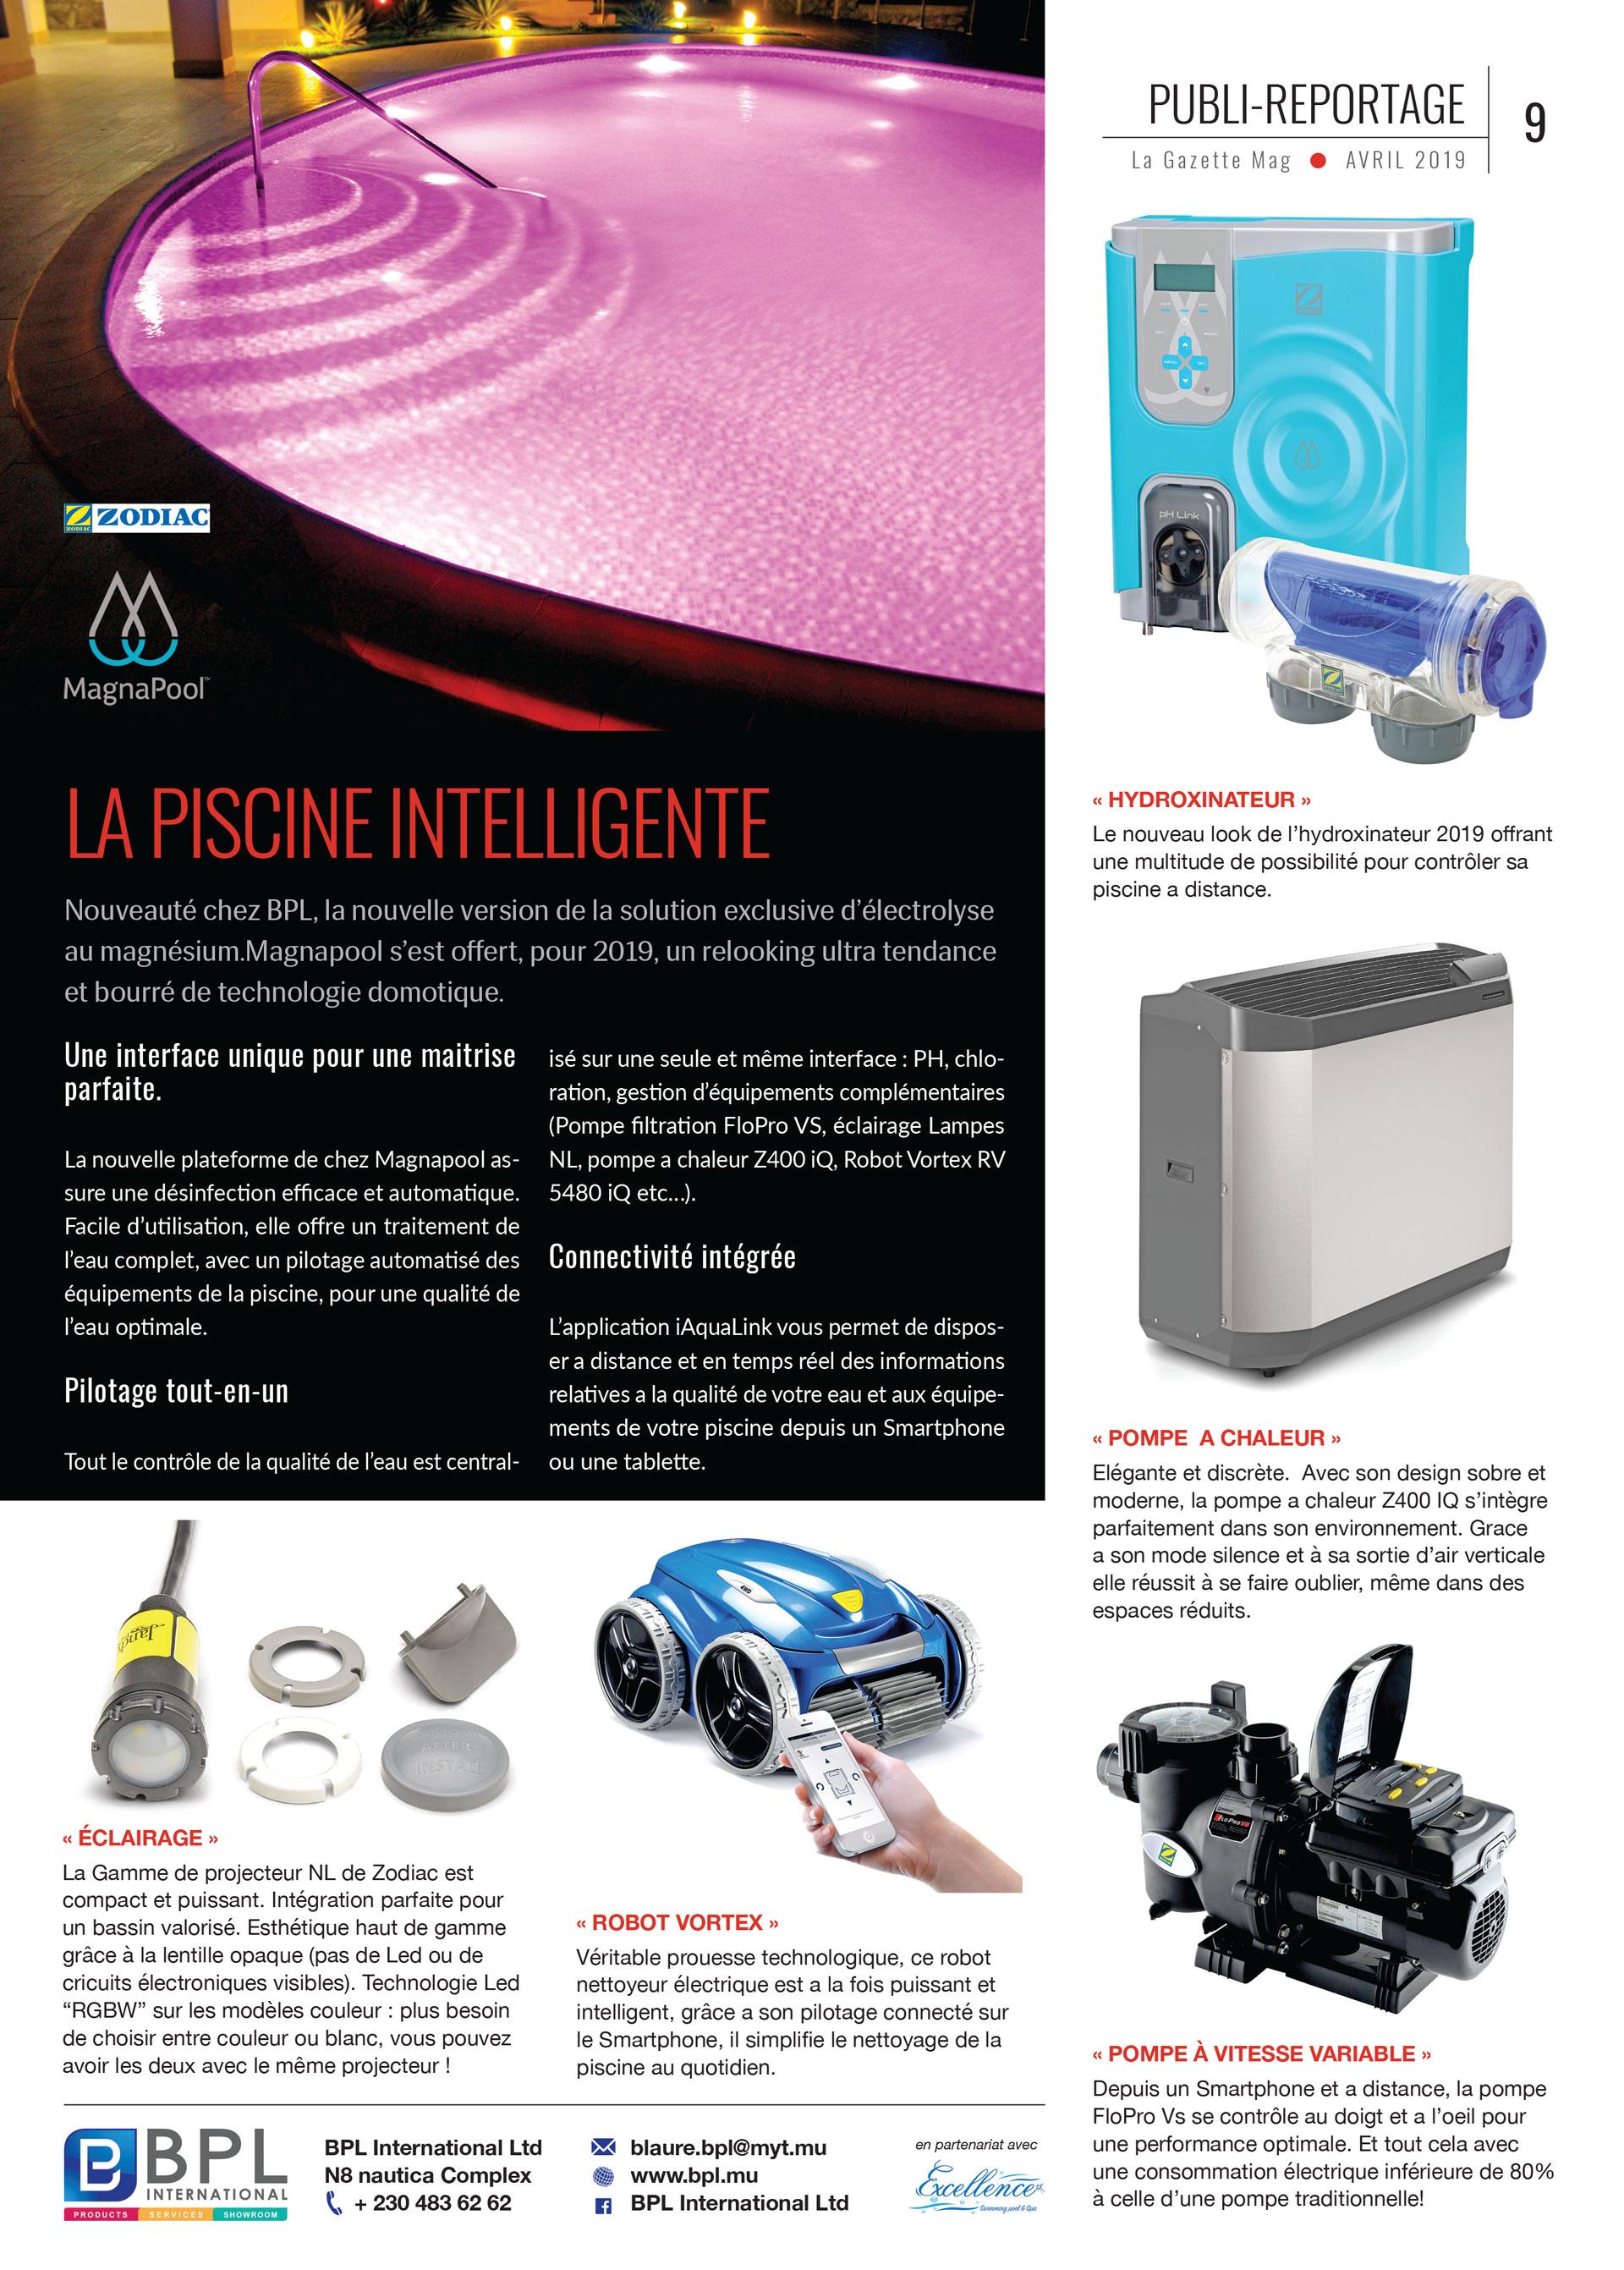 BPL dans La Gazette Mag